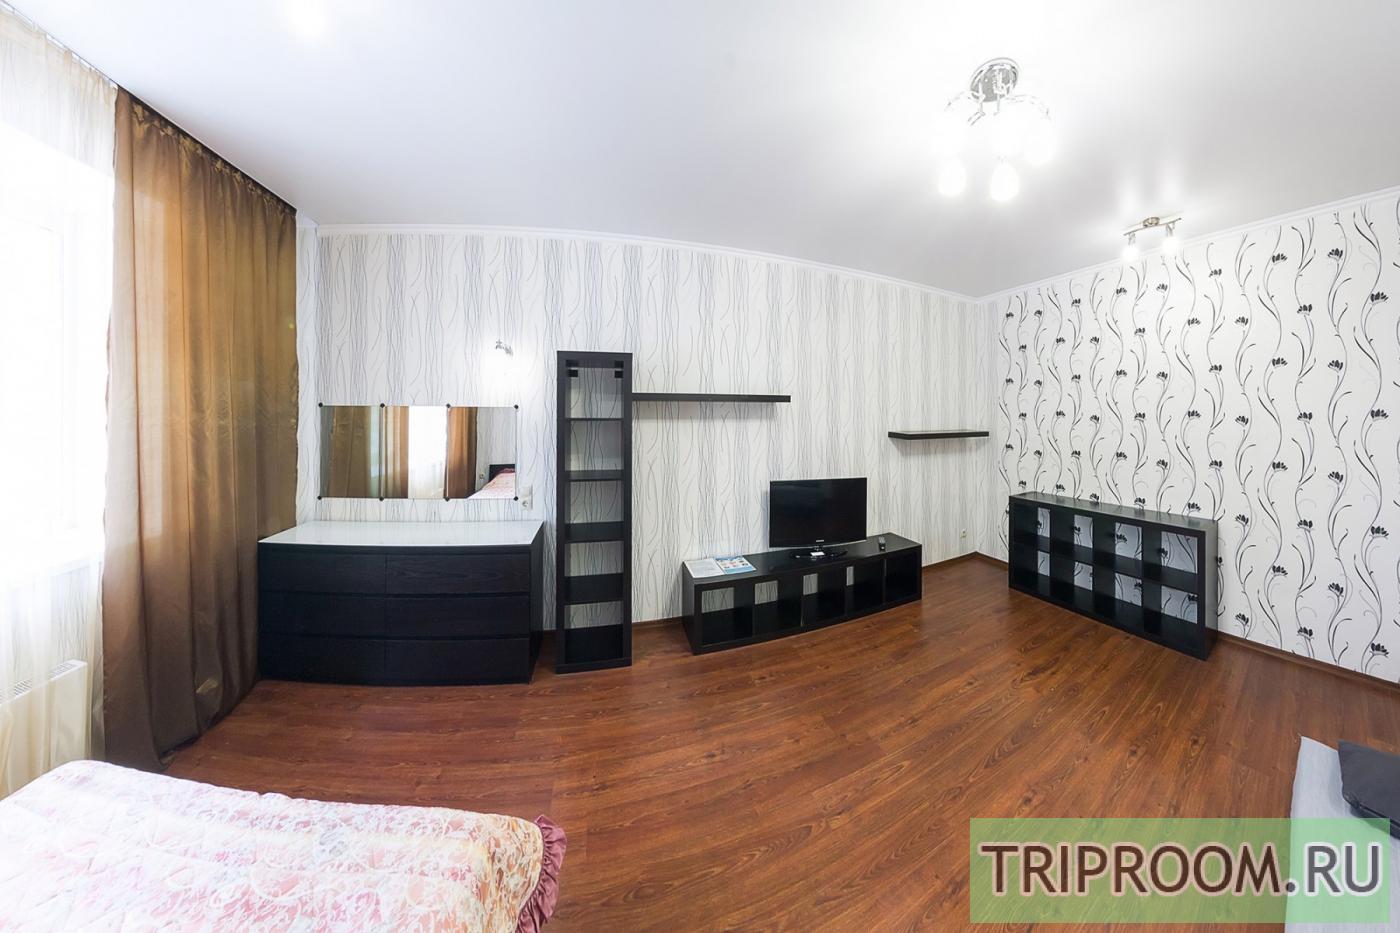 1-комнатная квартира посуточно (вариант № 33969), ул. Серафимовича улица, фото № 10